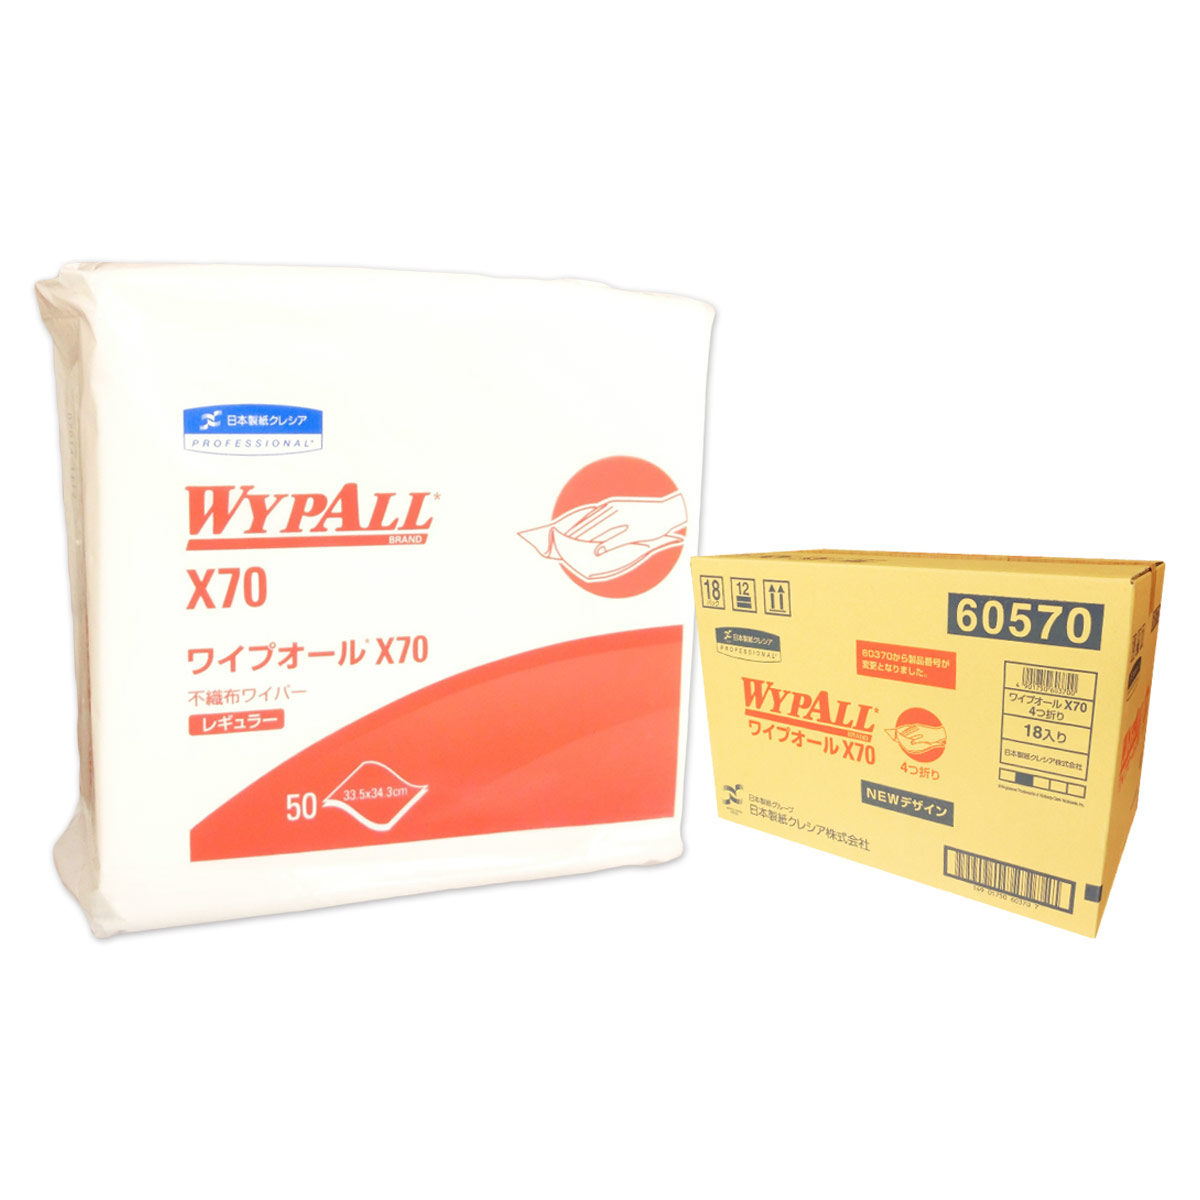 ワイプオール x70 4つ折り × 18パック 【日本製紙クレシア 業務用】【60570】